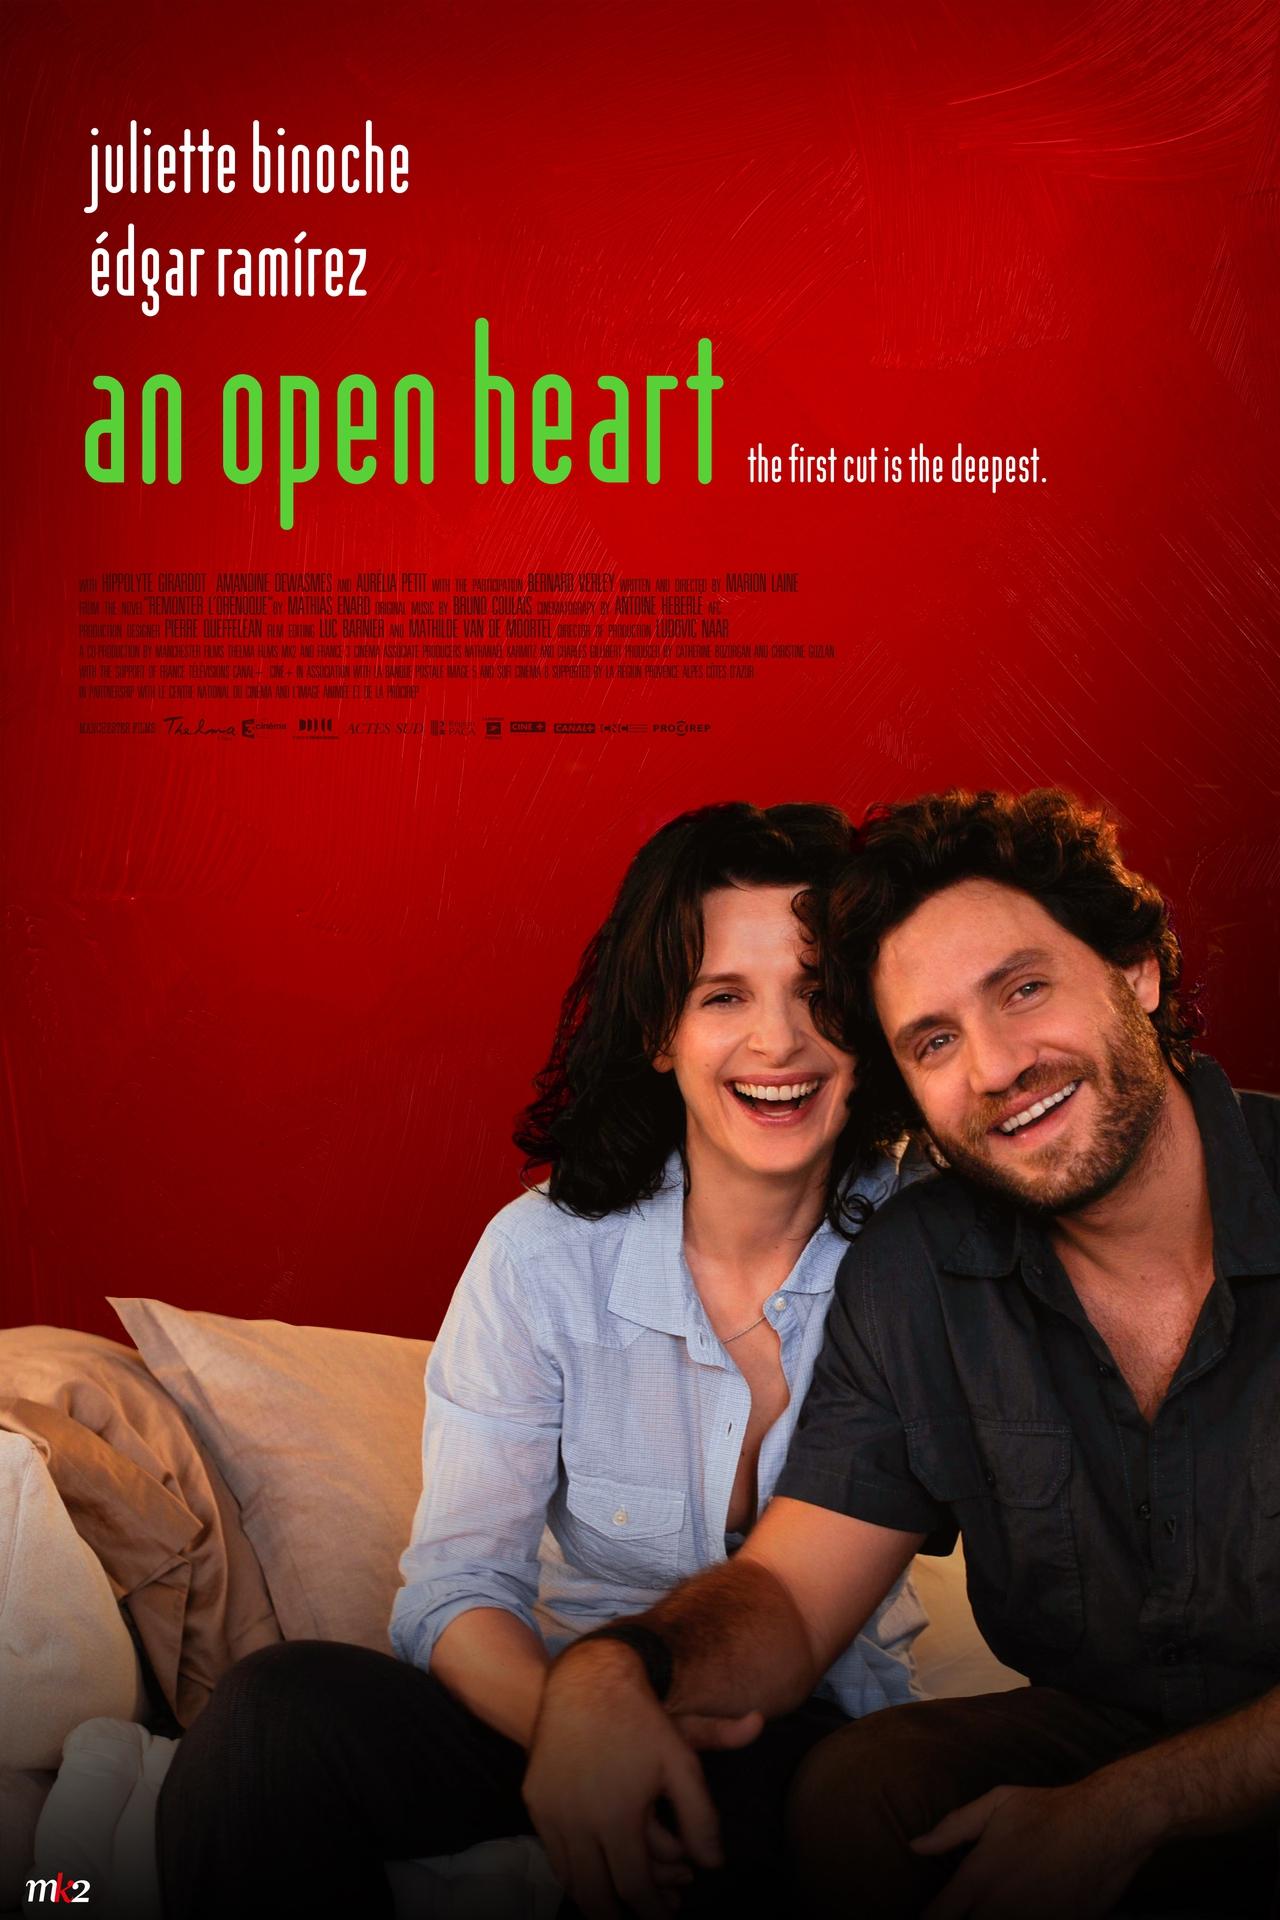 فیلم سینمایی An Open Heart با حضور ژولیت بینوش و ادگار رامیرز